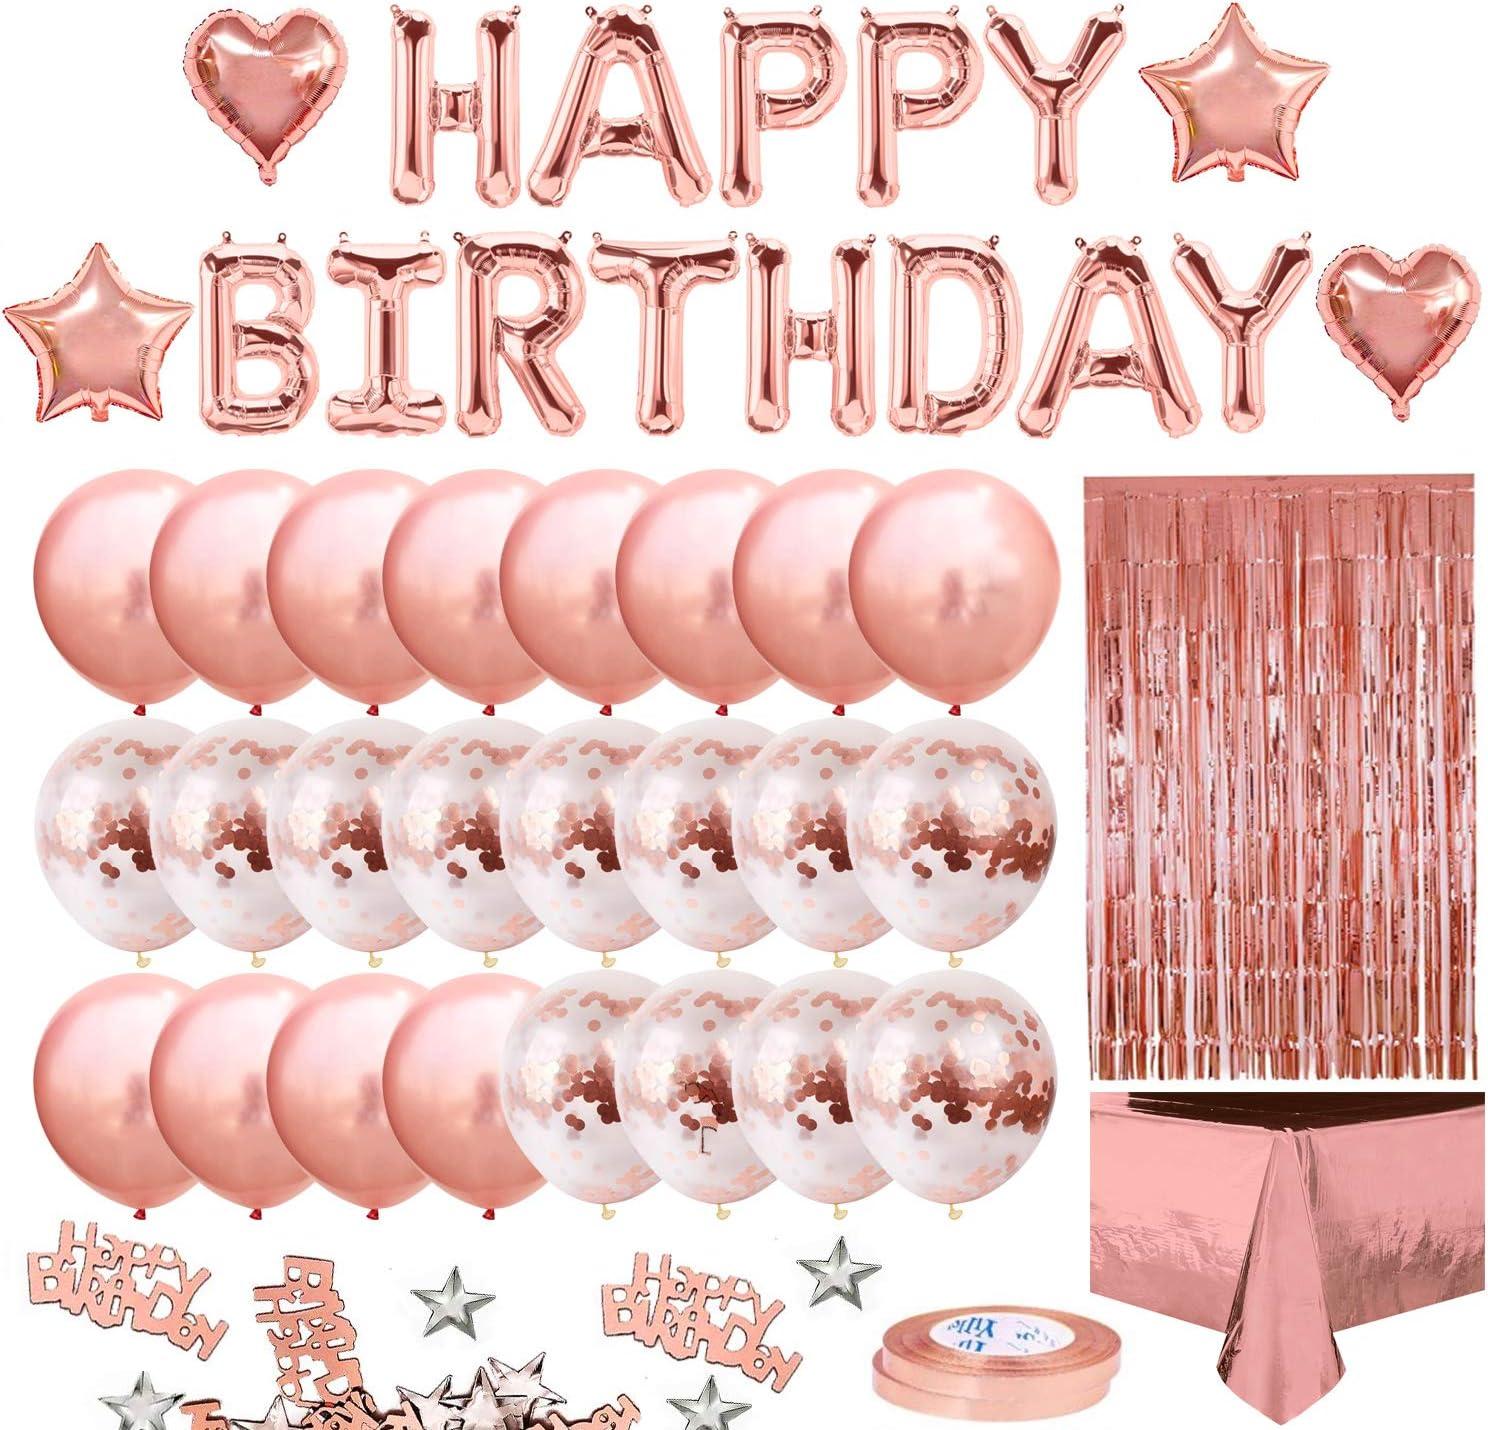 Geburtstagsdeko Rosegold Deko,Aivatoba Happy Birthday Girlande Decorations Balloon Rosegold Konfetti Luftballons Tischdeko Geburtstag Deko zum M/ädchen 18th 30th